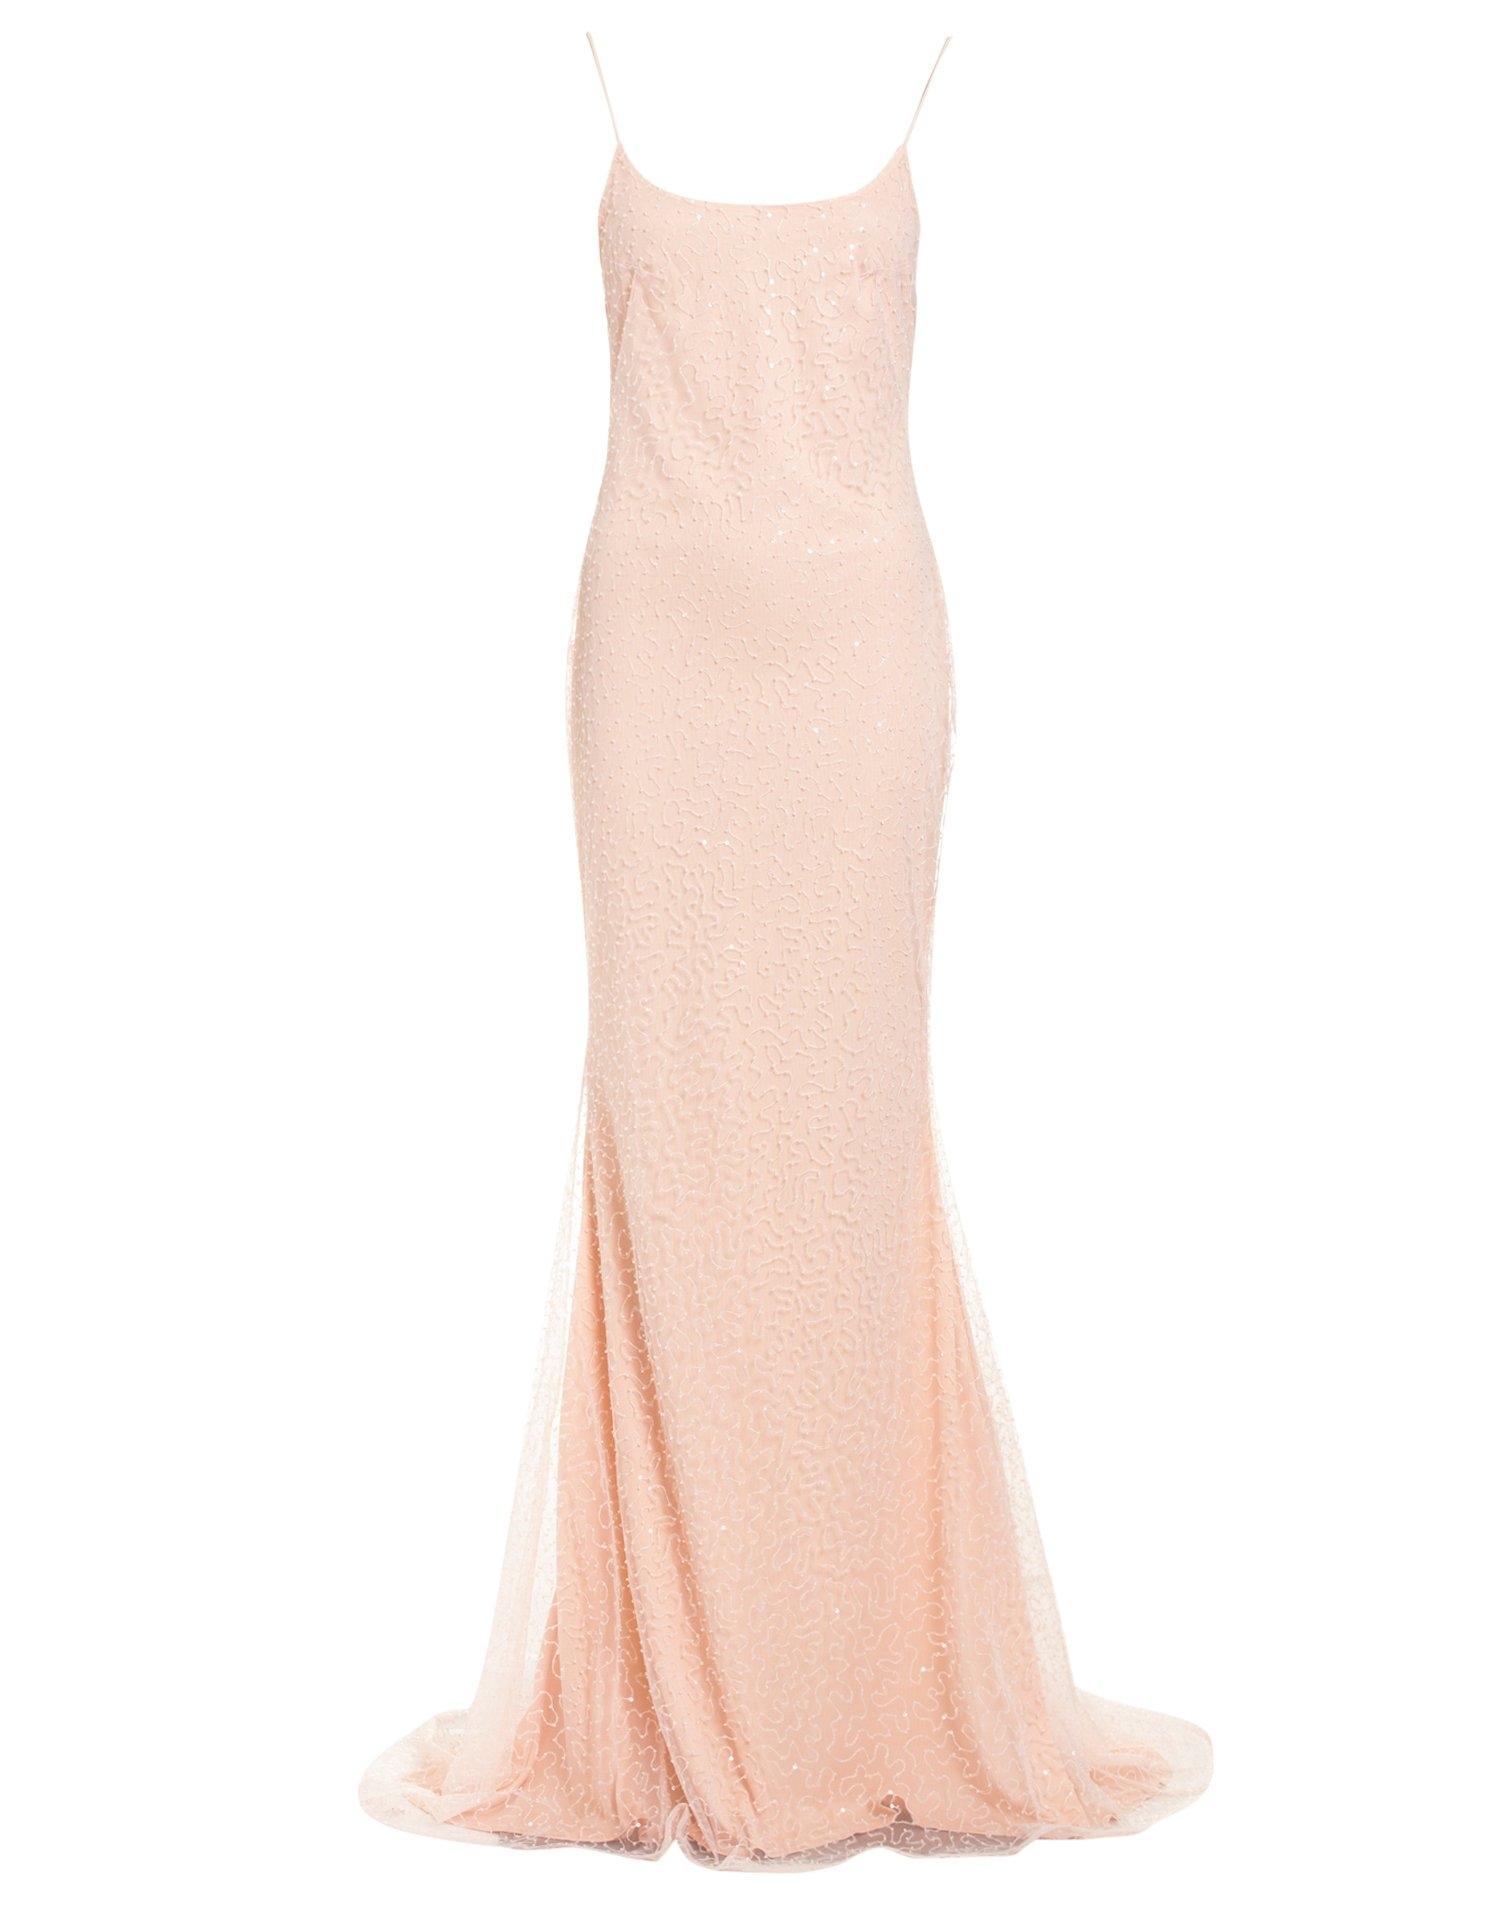 Drömmigt och magiskt - alla klänningar från Ida Lanto x Nelly ... 77eaa24403d0f